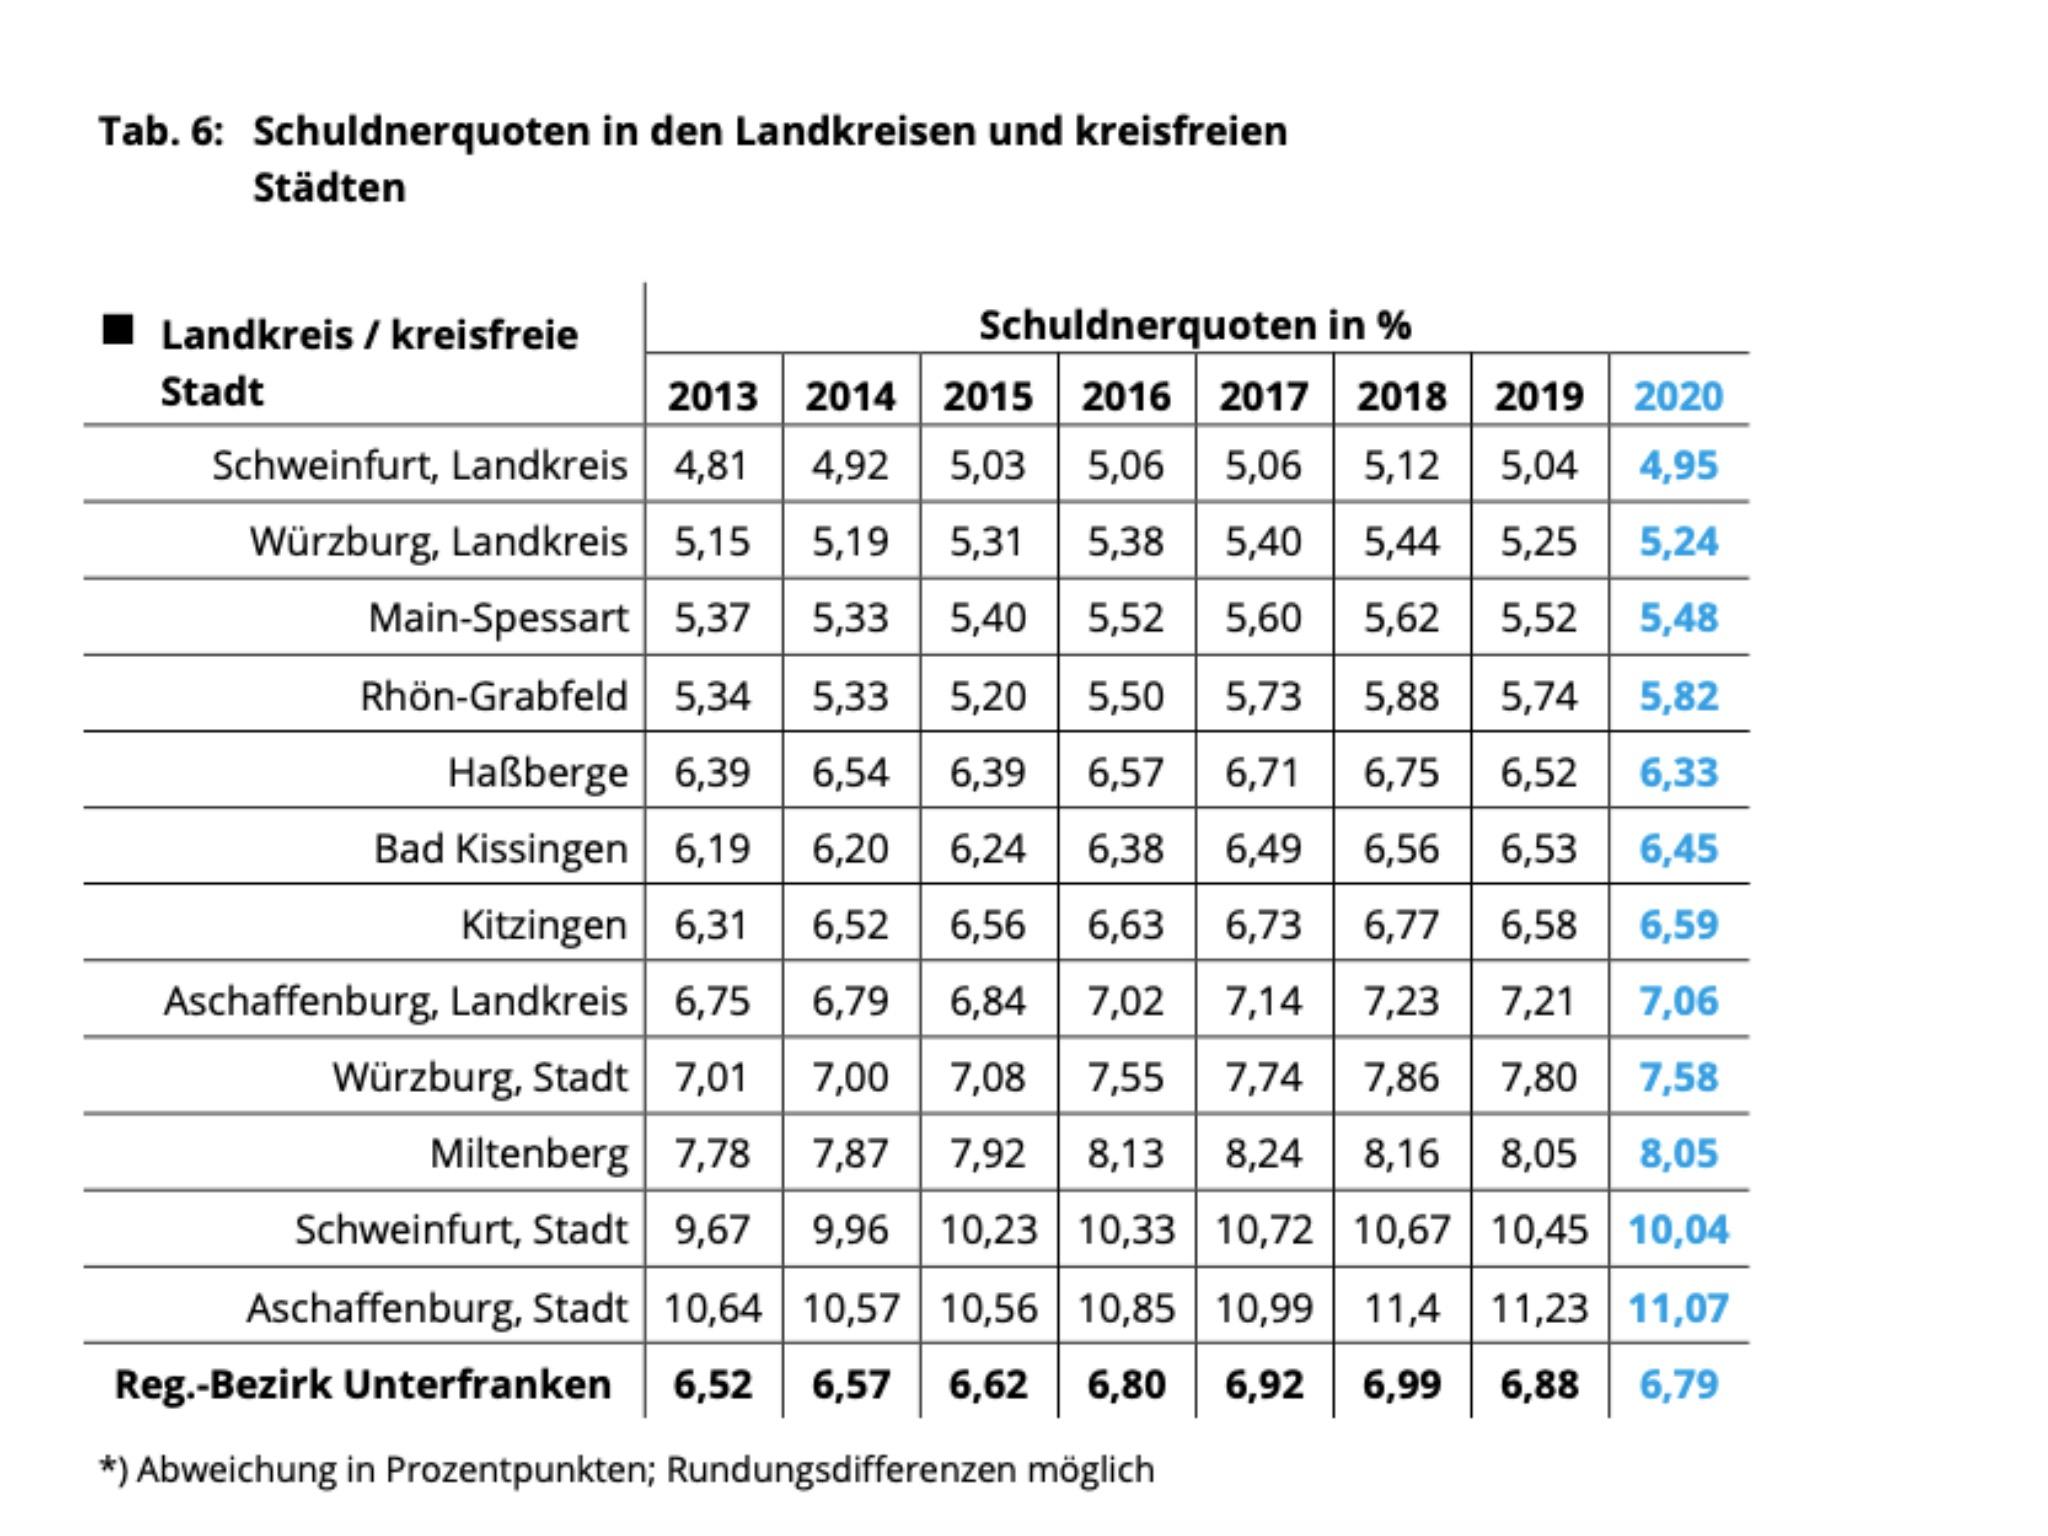 Schuldnerquoten in den Landkreisen und kreisfreien Städten. Grafik: Creditreform